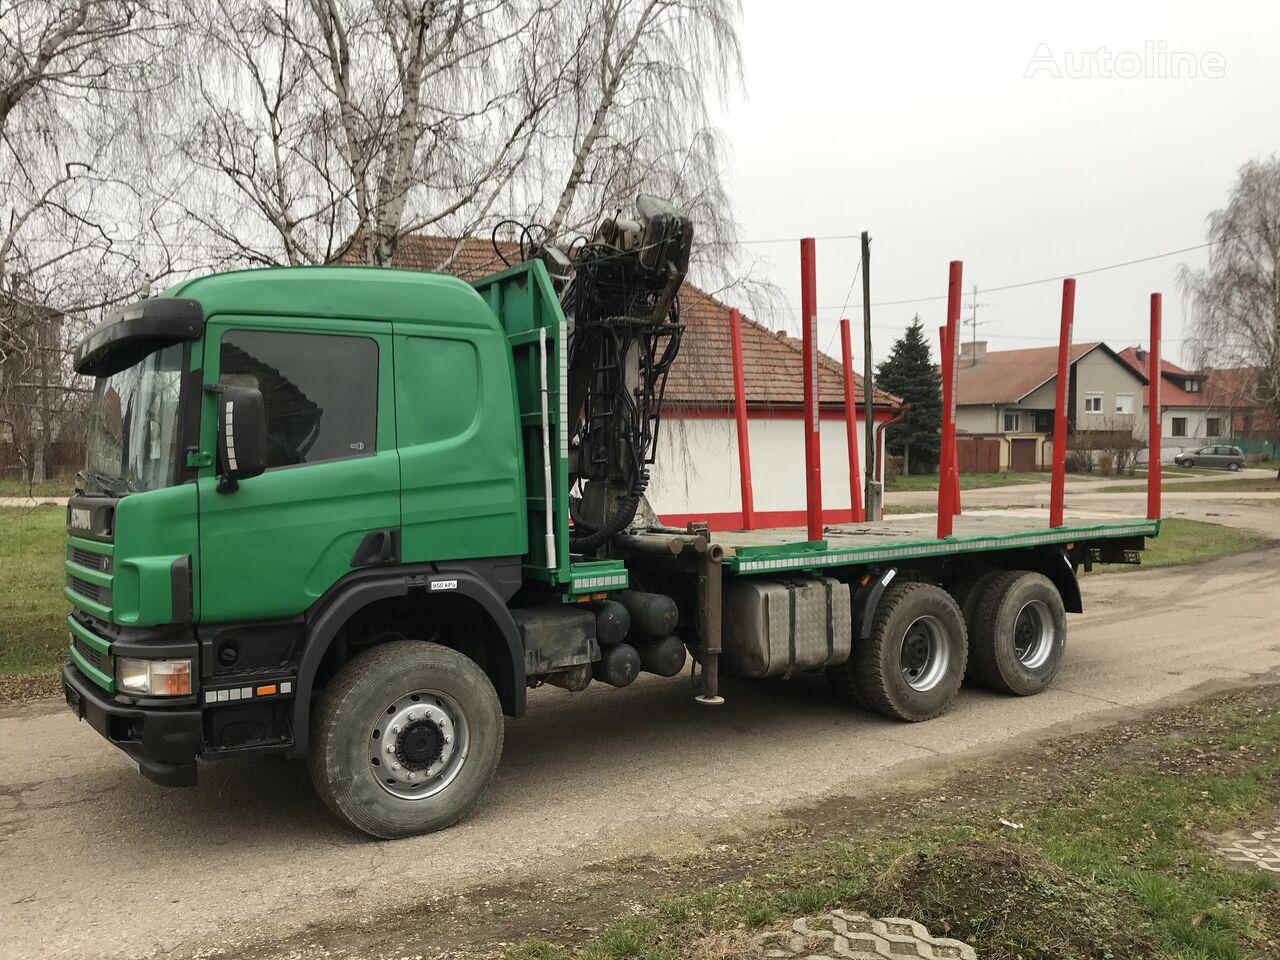 SCANIA P124 420 hpi 6x6 Penz 9100 9,5 m  timber truck